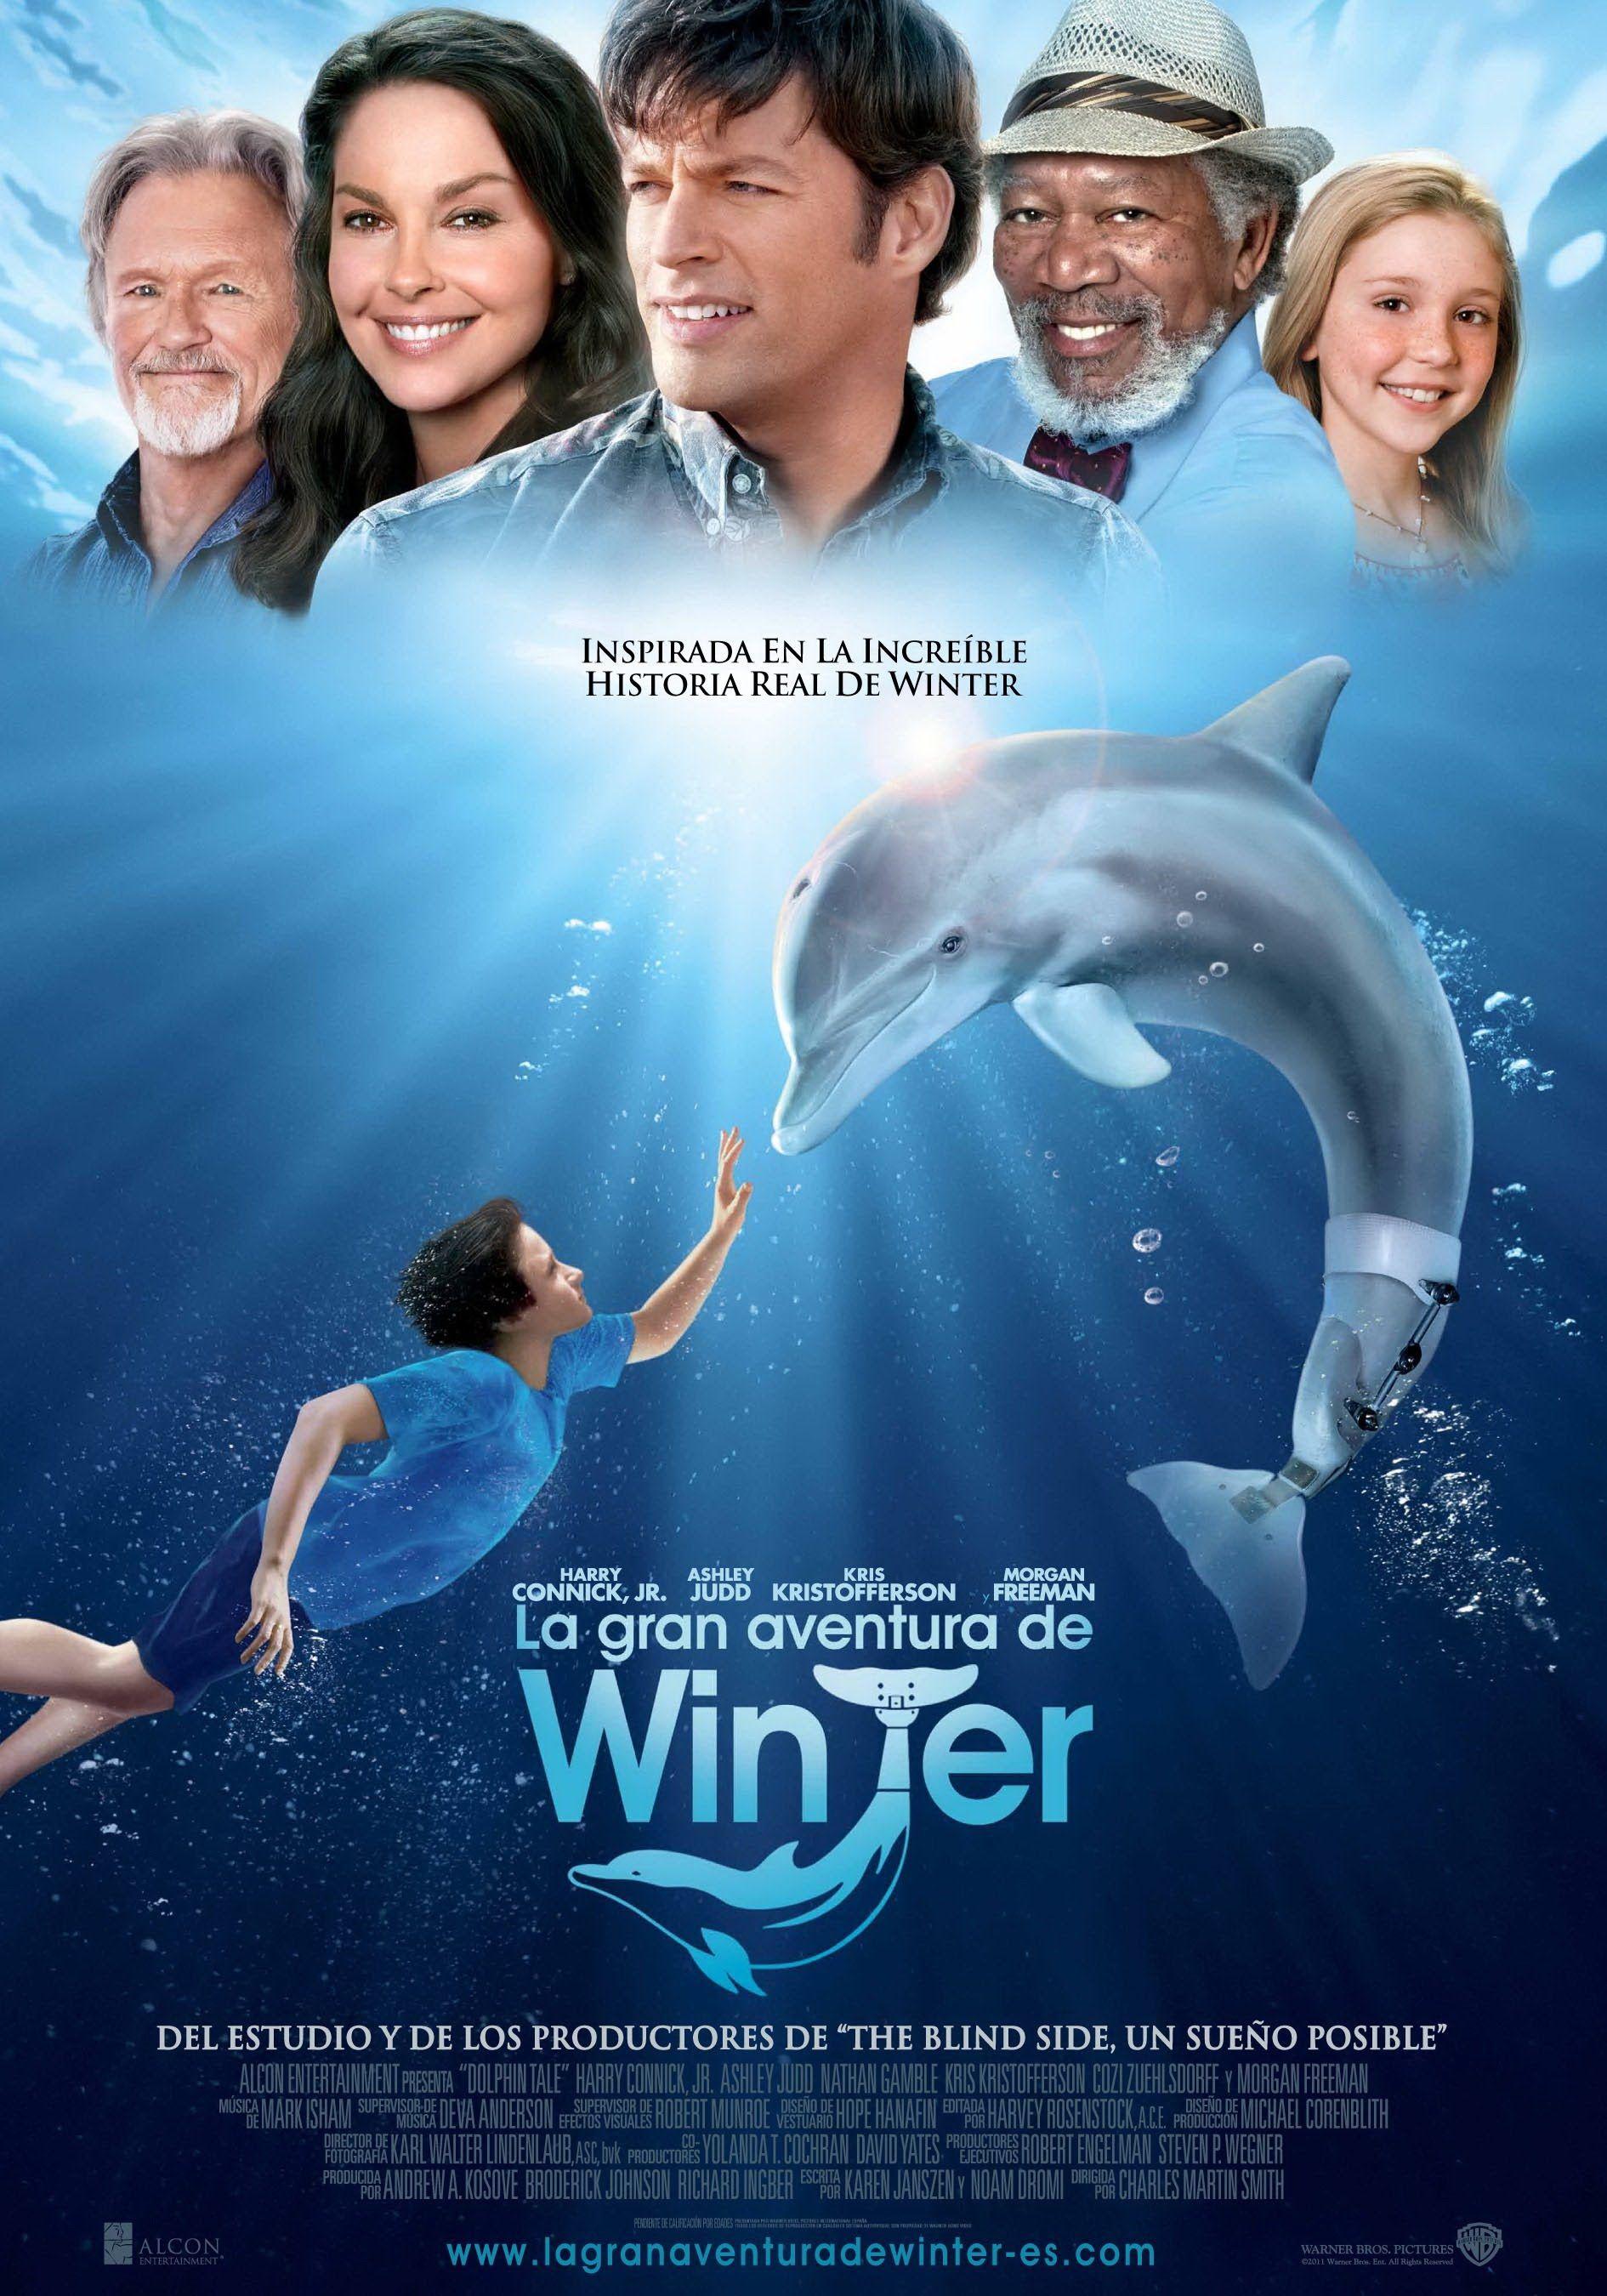 La Gran Aventura De Winter El Defín Winter El Delfín Delfines Ver Películas Gratis Online